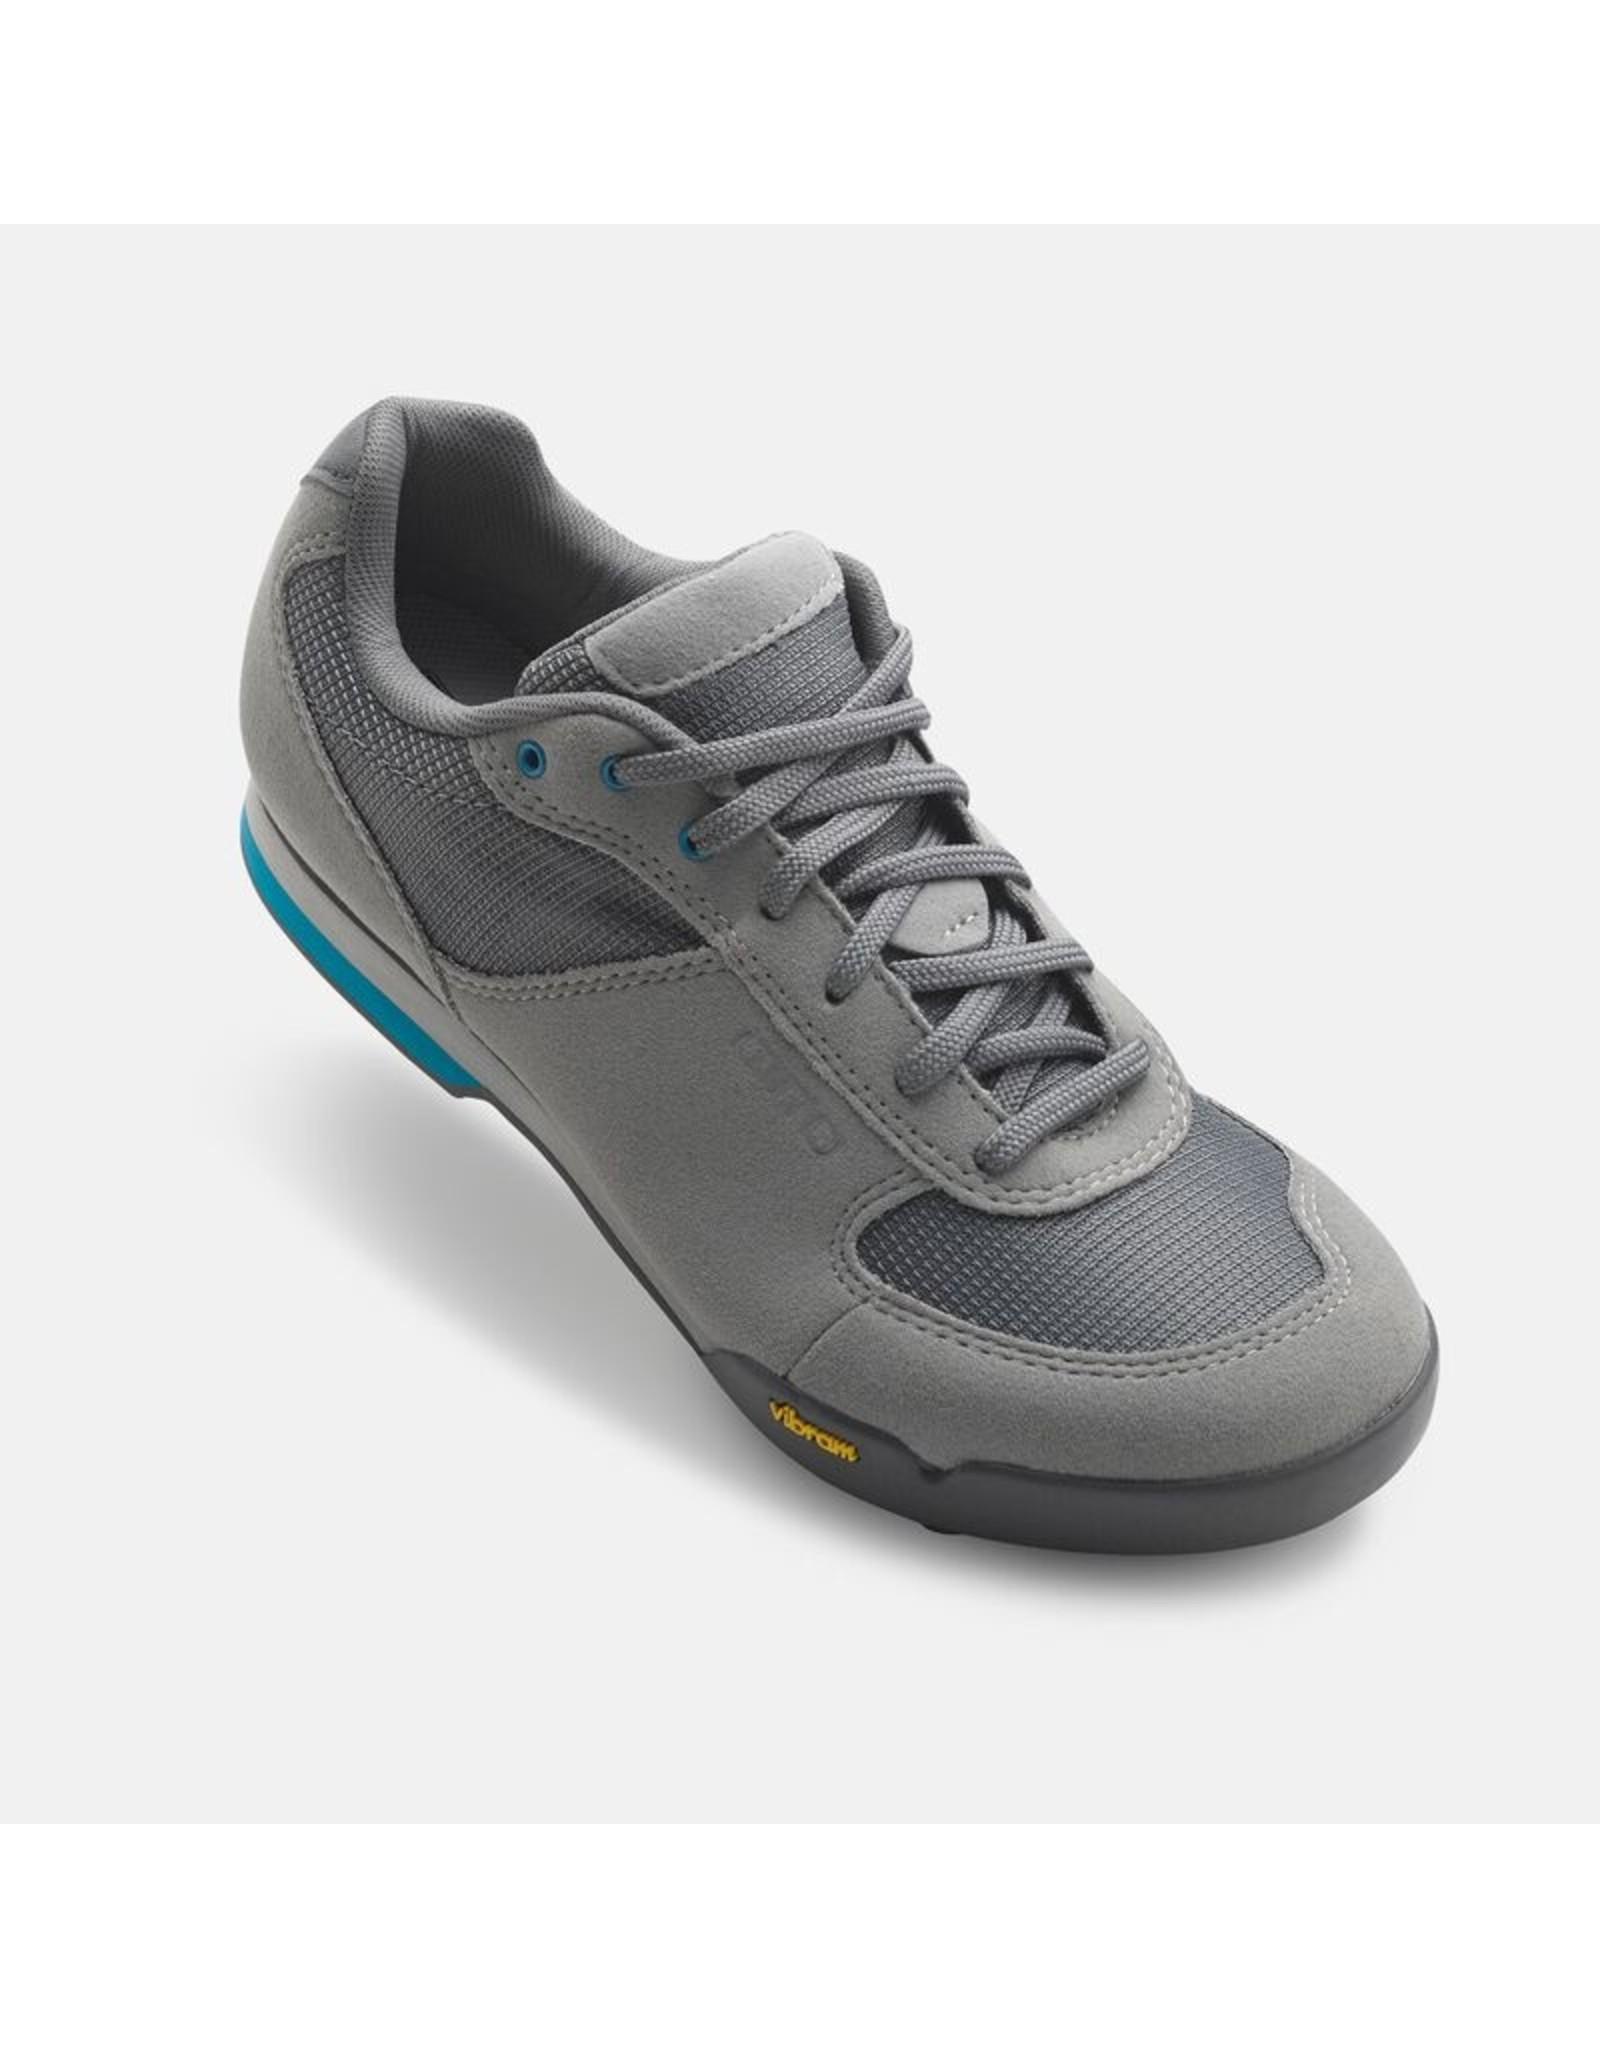 Giro Giro Petra VR Cycling Shoe